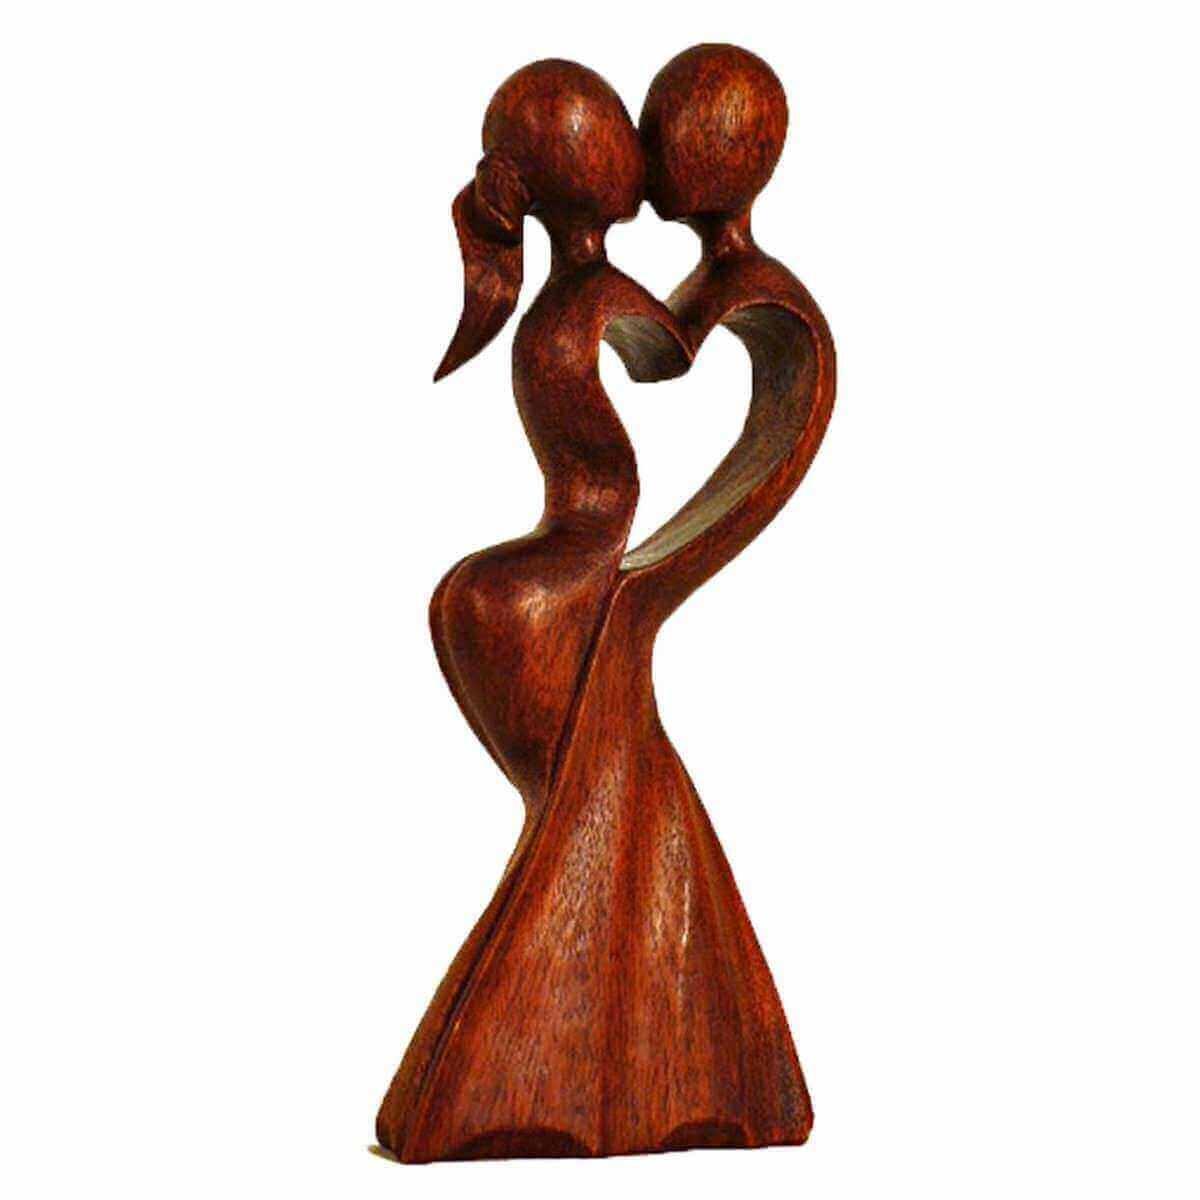 holz figur skulptur abstrakt holzfigur afrika deko geschenk hochzeit, Wohnzimmer dekoo